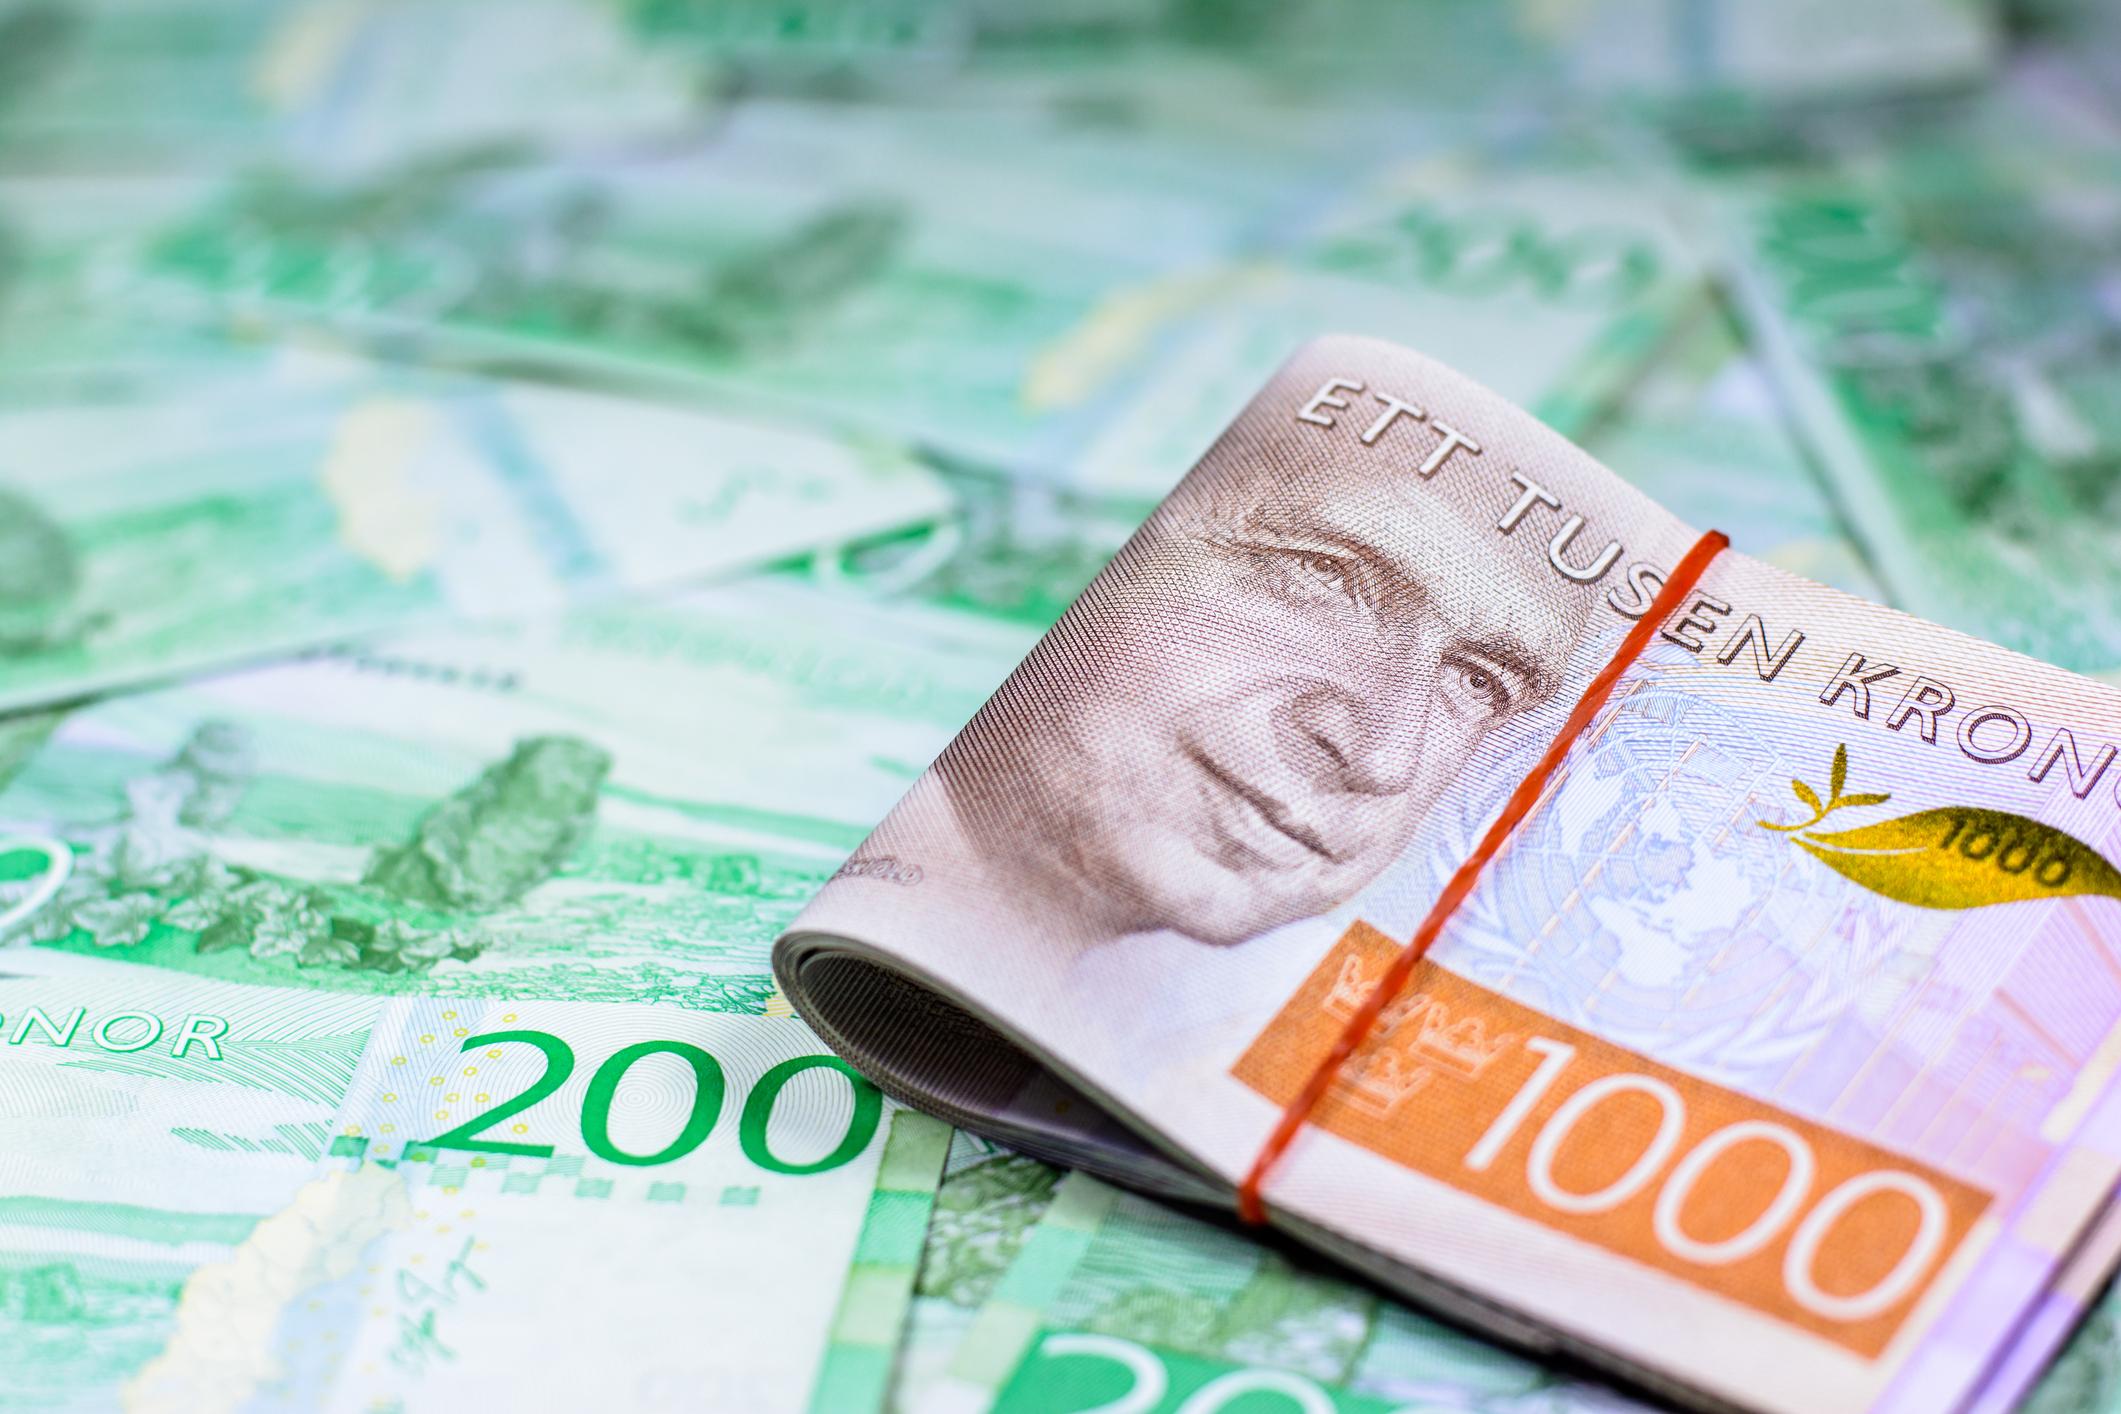 Kontantinsatsen är vad du måste ha sparat ihop för att få låna mycket